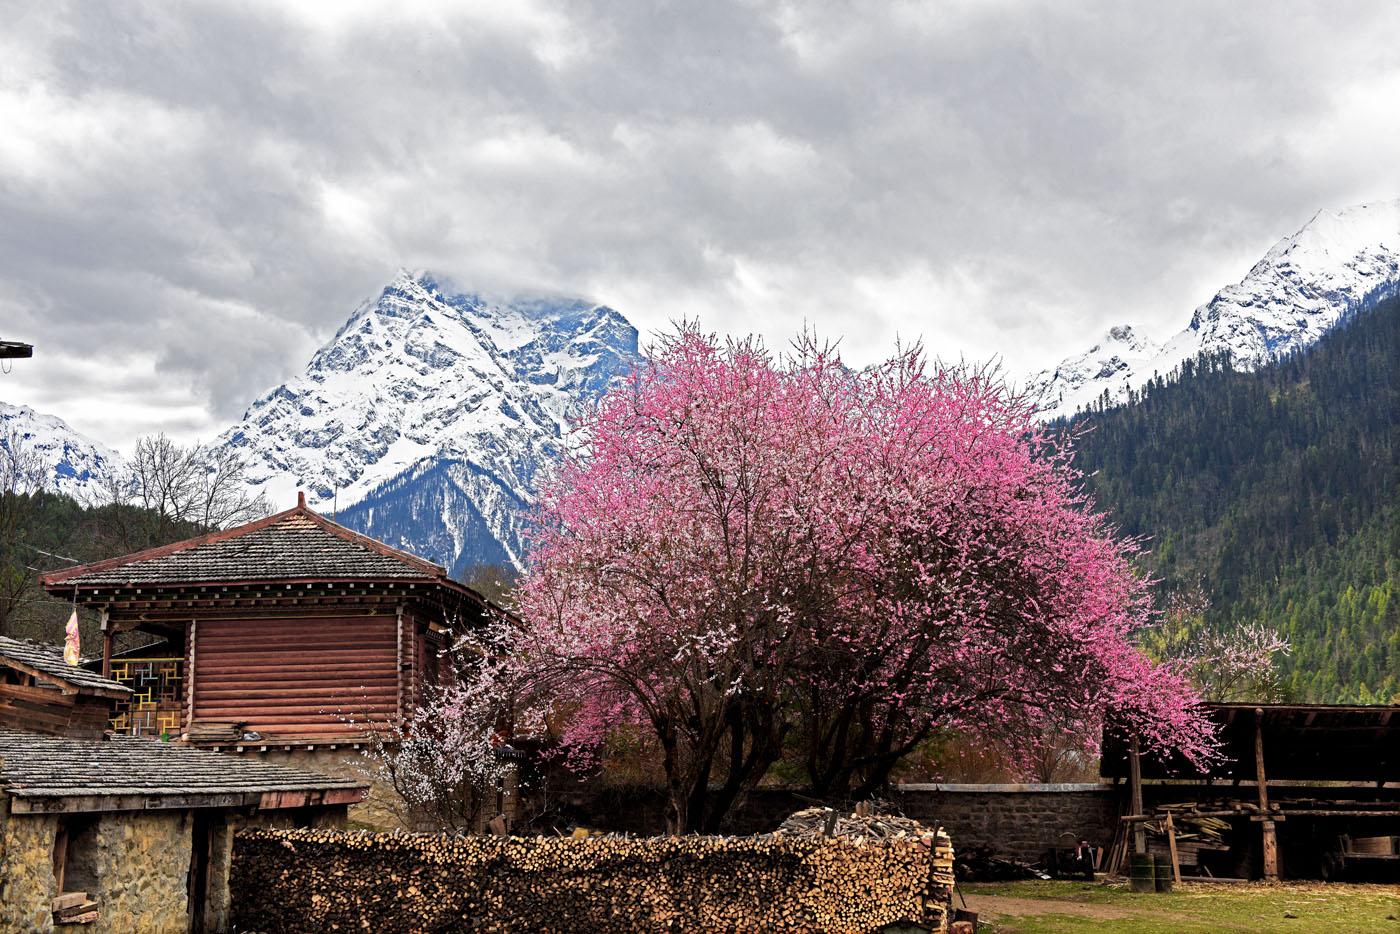 估计当时的诗人没有到过西藏林芝。林芝地区的野生桃花遍布林芝、米林县、朗县、波密县等,每年3月底到4月底,绵延数百公里的野生桃花竞相开放。那一幅幅雪山与桃花相映的美丽画面,也只是是特高海拔的藏区雪域所独有!